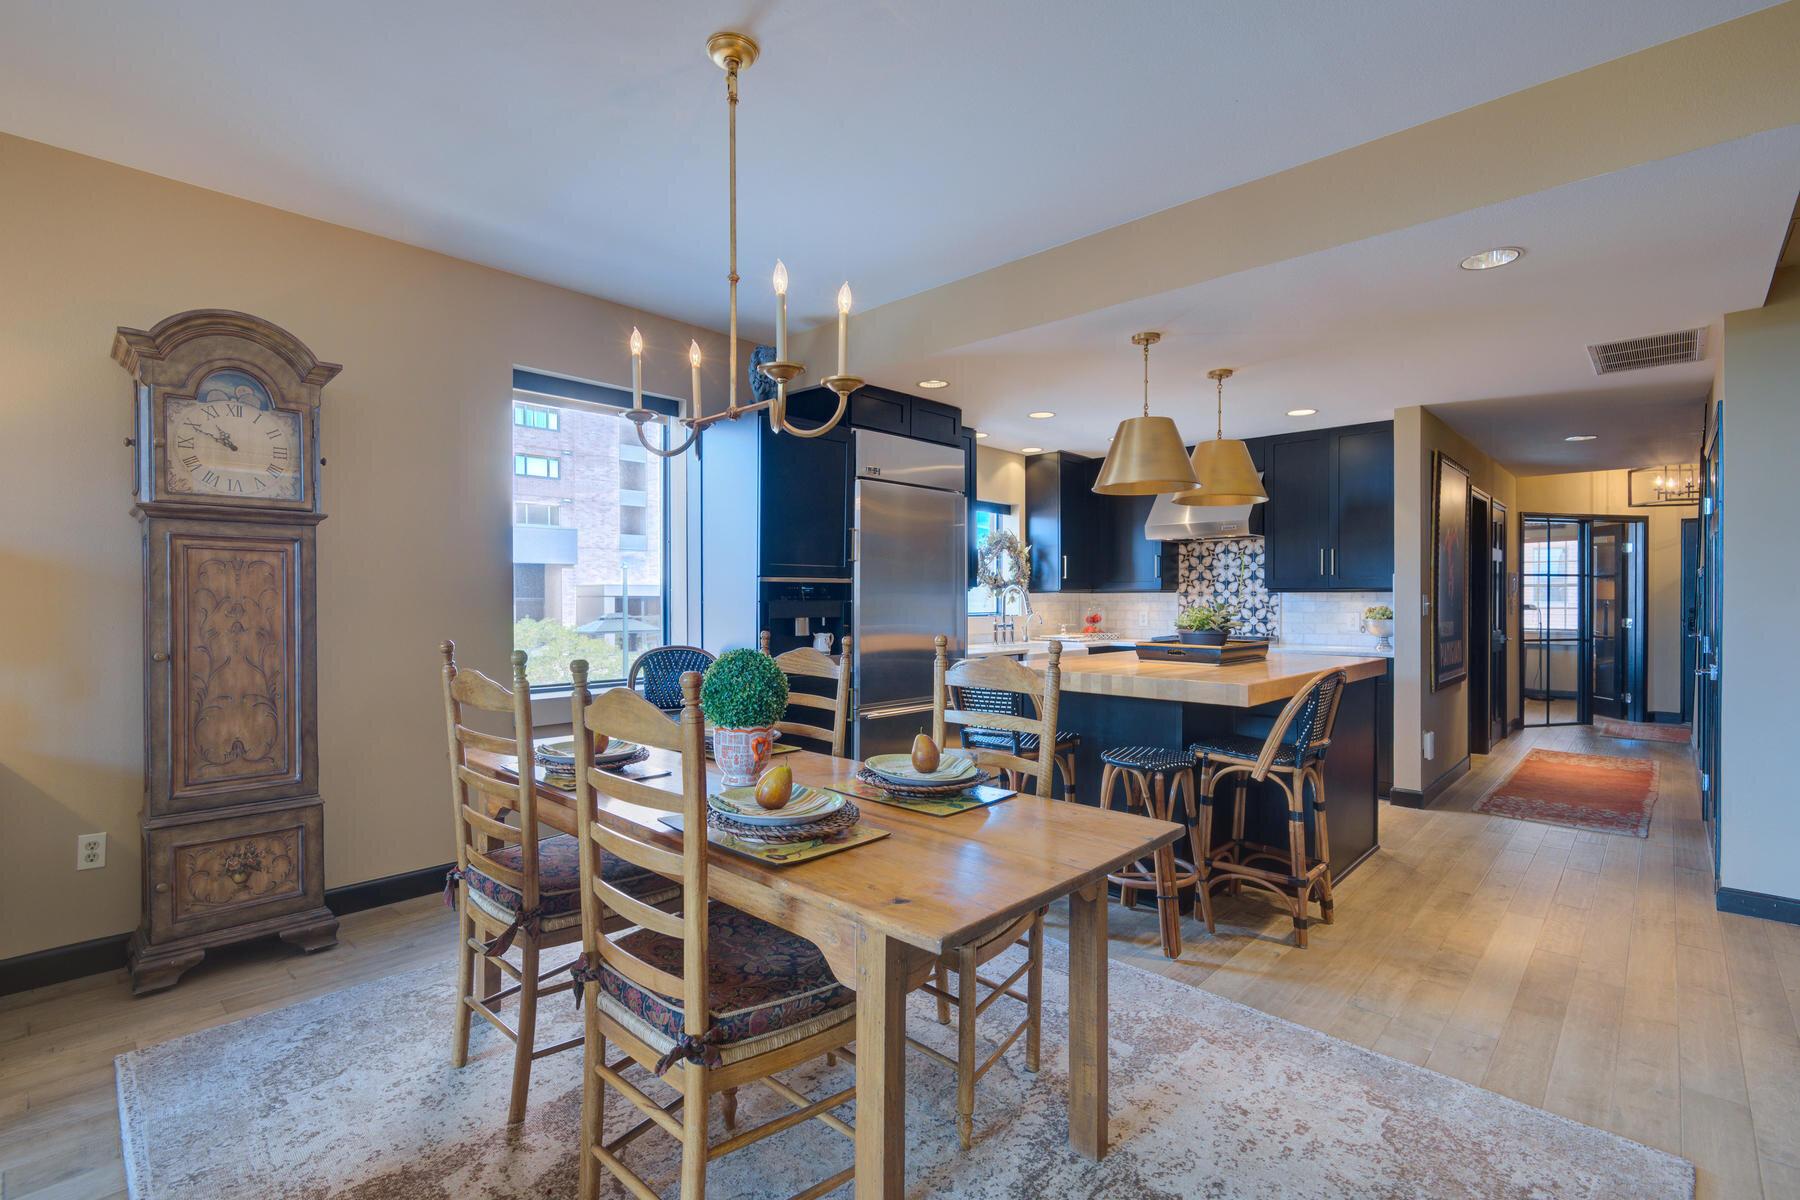 1512 Larimer Street-008-015-Dining Room-MLS_Size.jpg